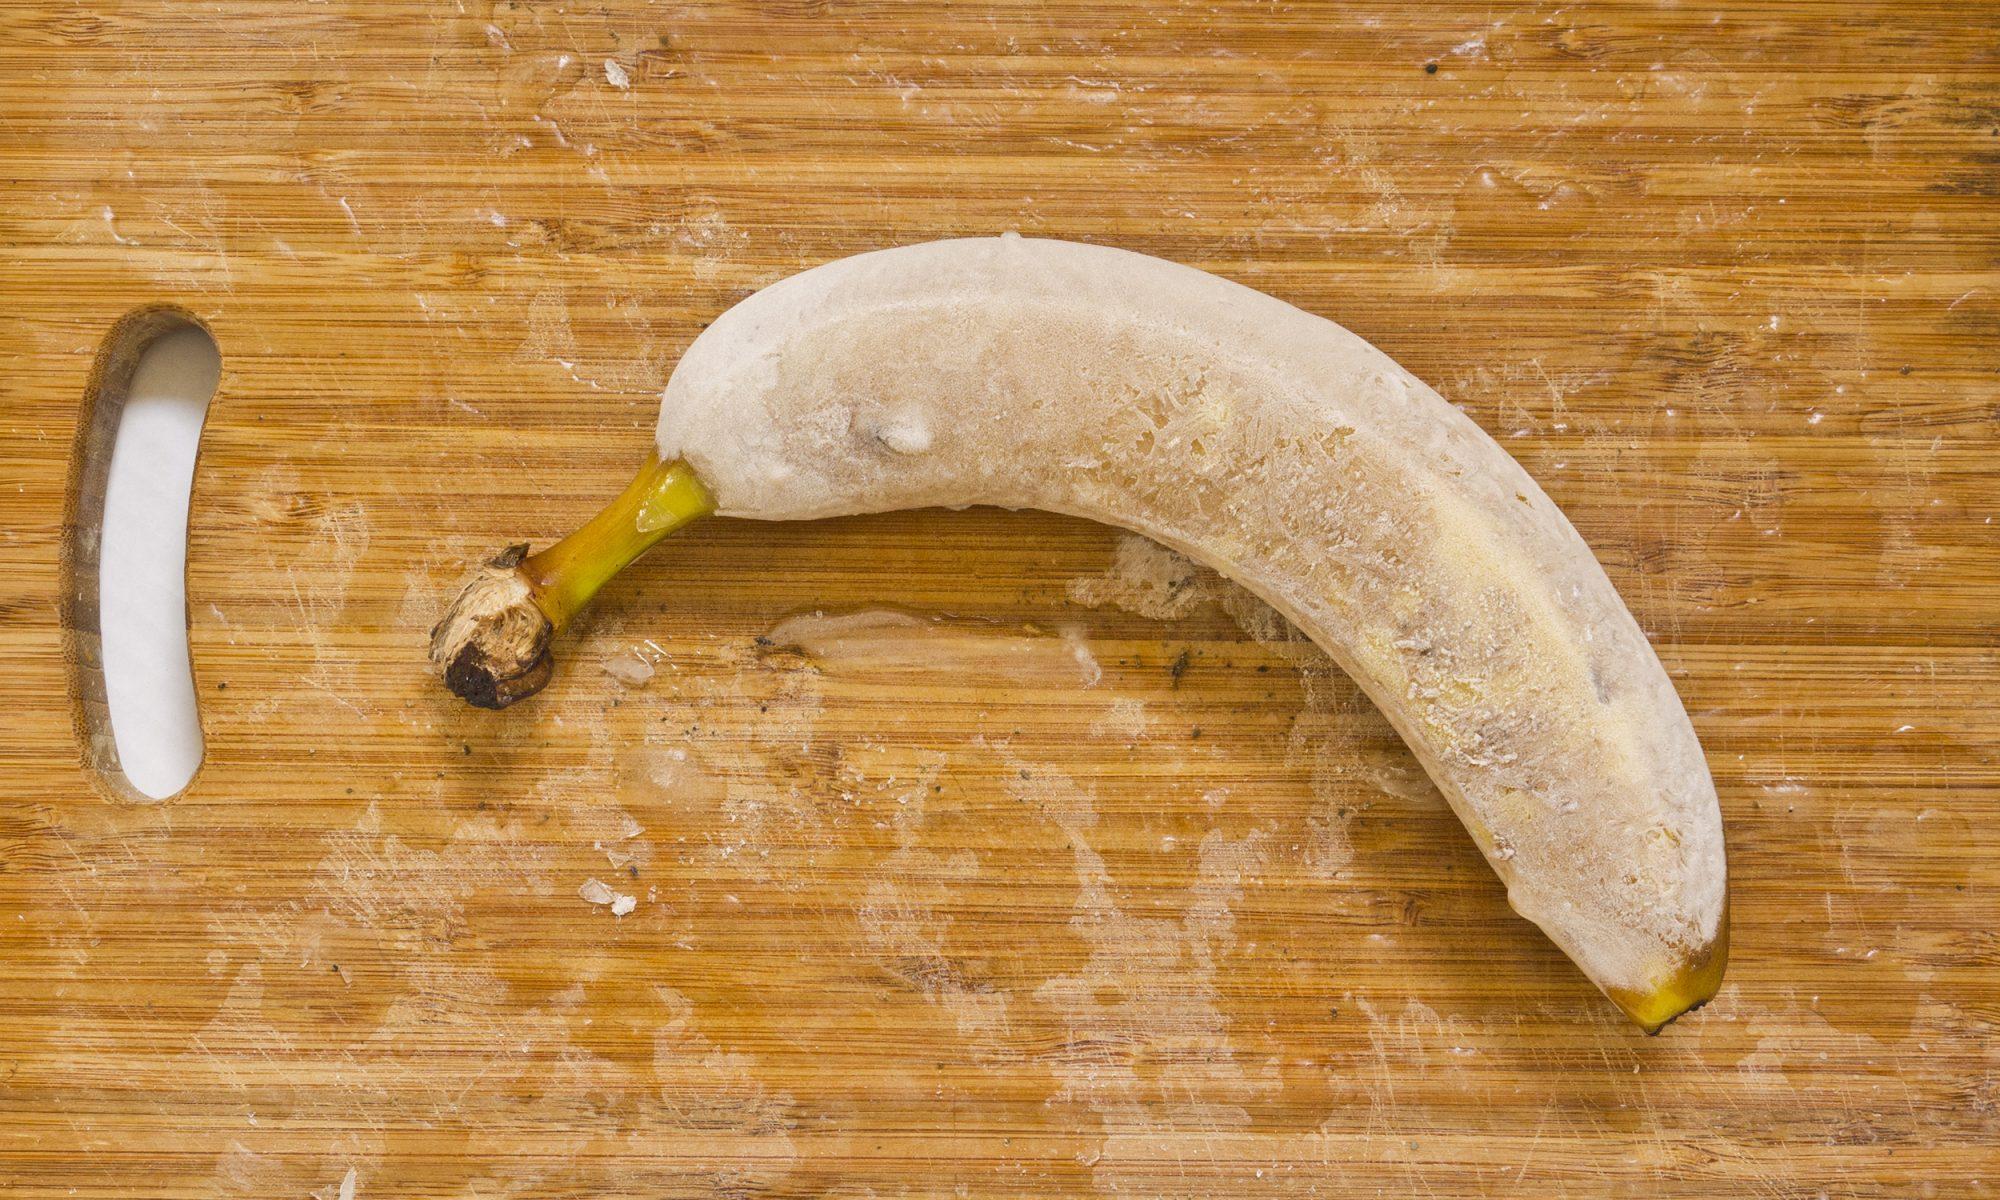 frozen banana on a cutting board